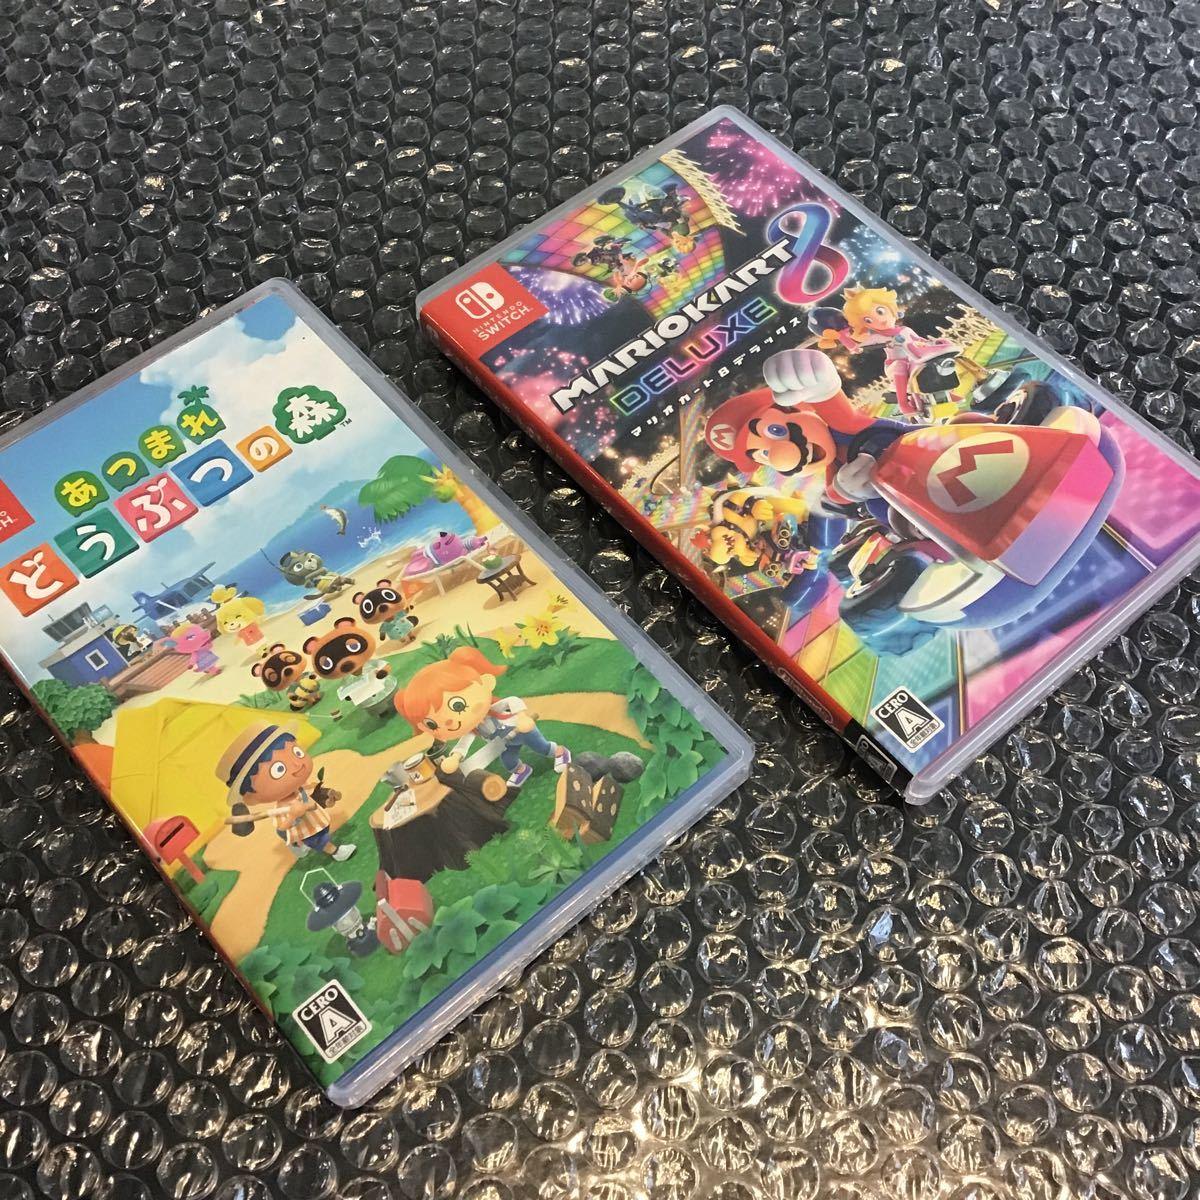 あつまれどうぶつの森 + マリオカート8デラックス Nintendo Switch 全国送料無料!ニンテンドースイッチ ソフト 追跡あり。美品。_画像3